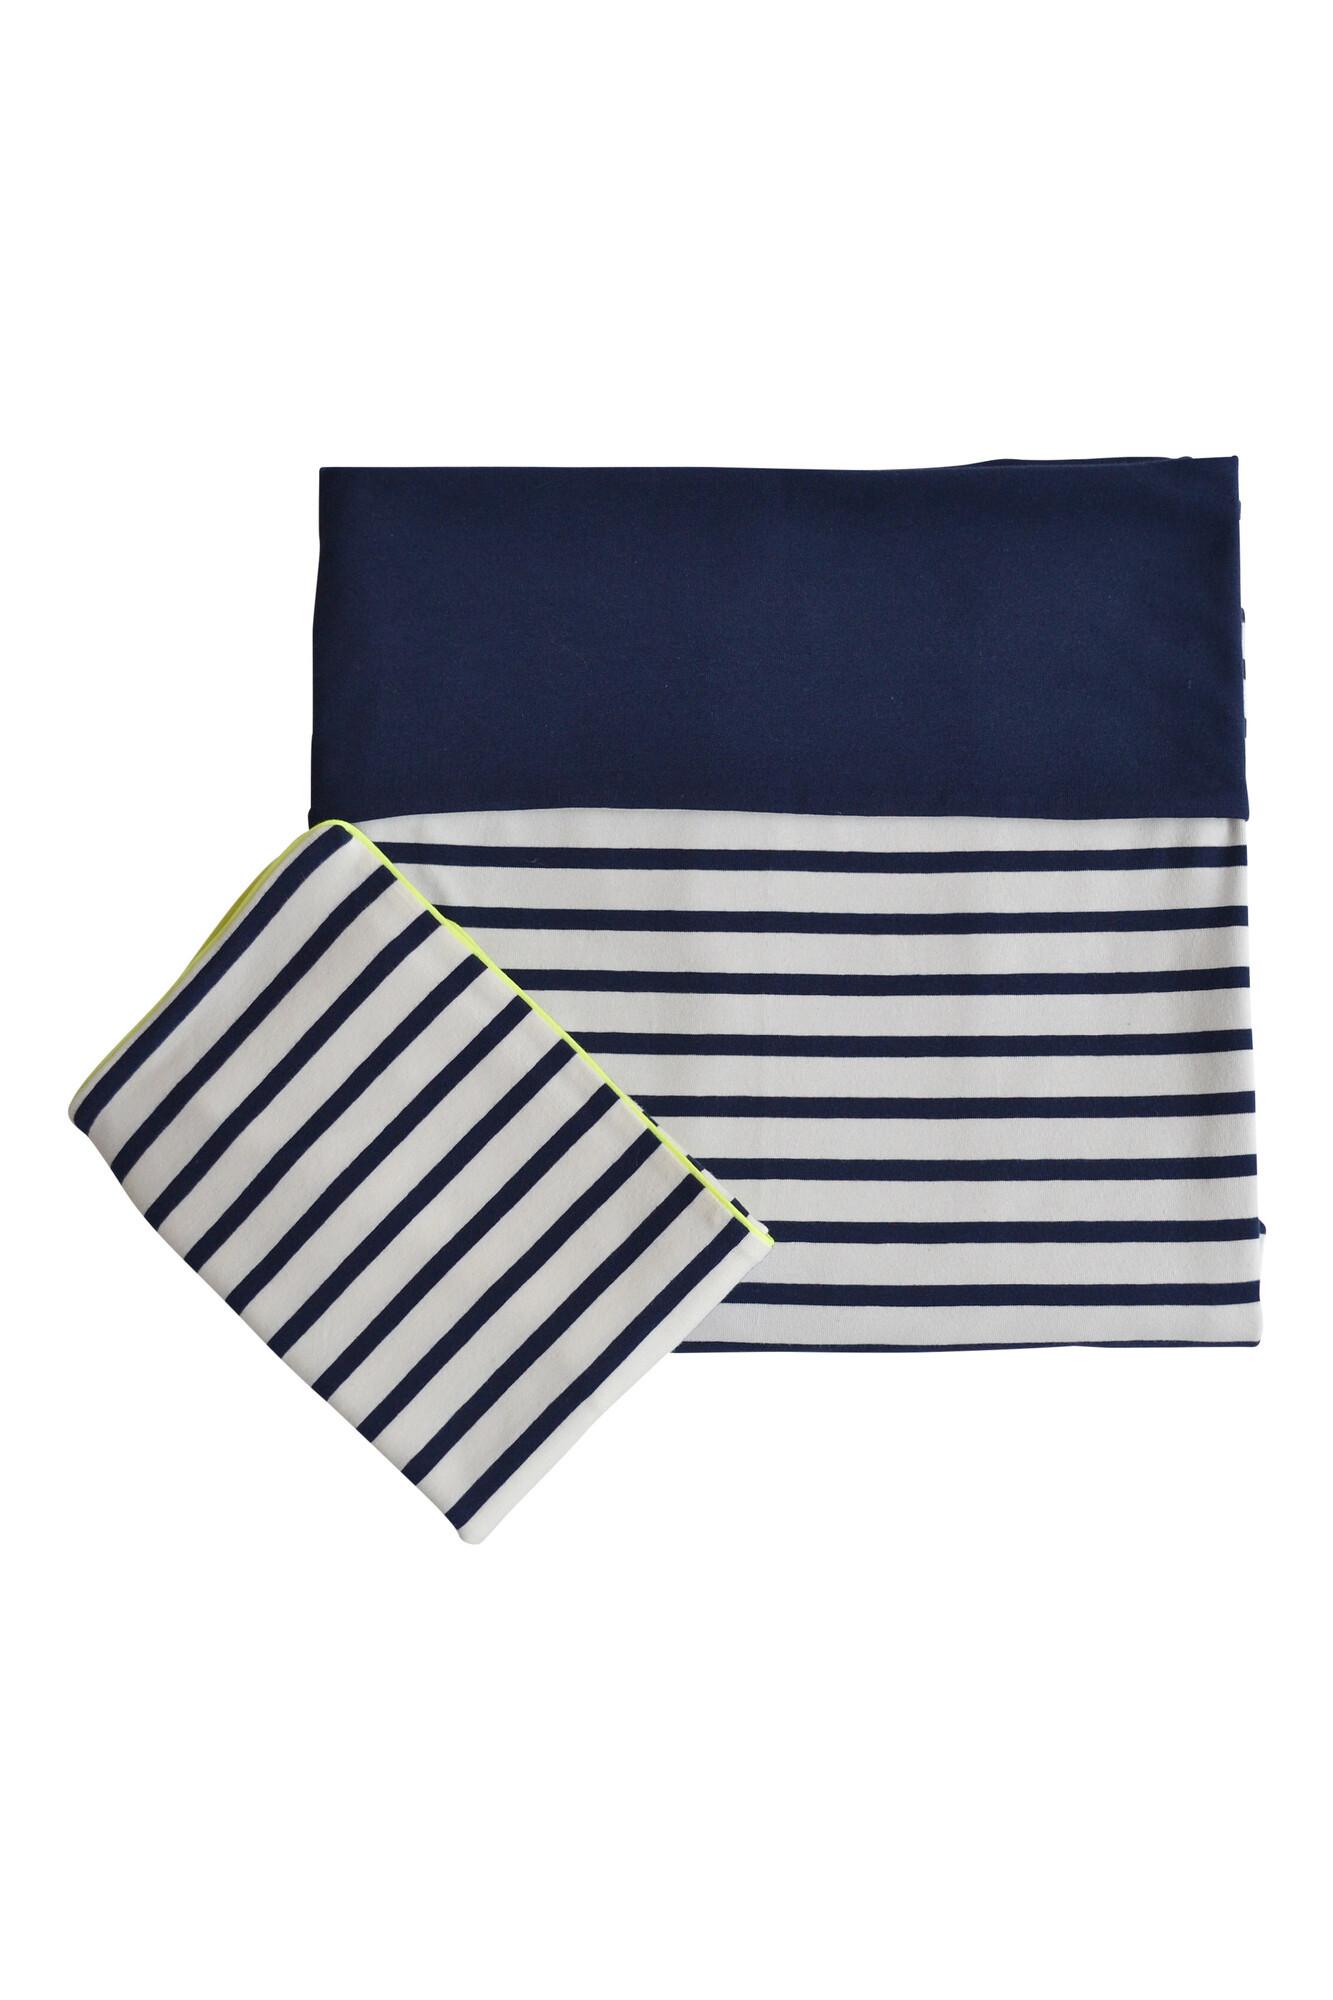 Dekbedovertrek ledikant - Stripes navy/ye